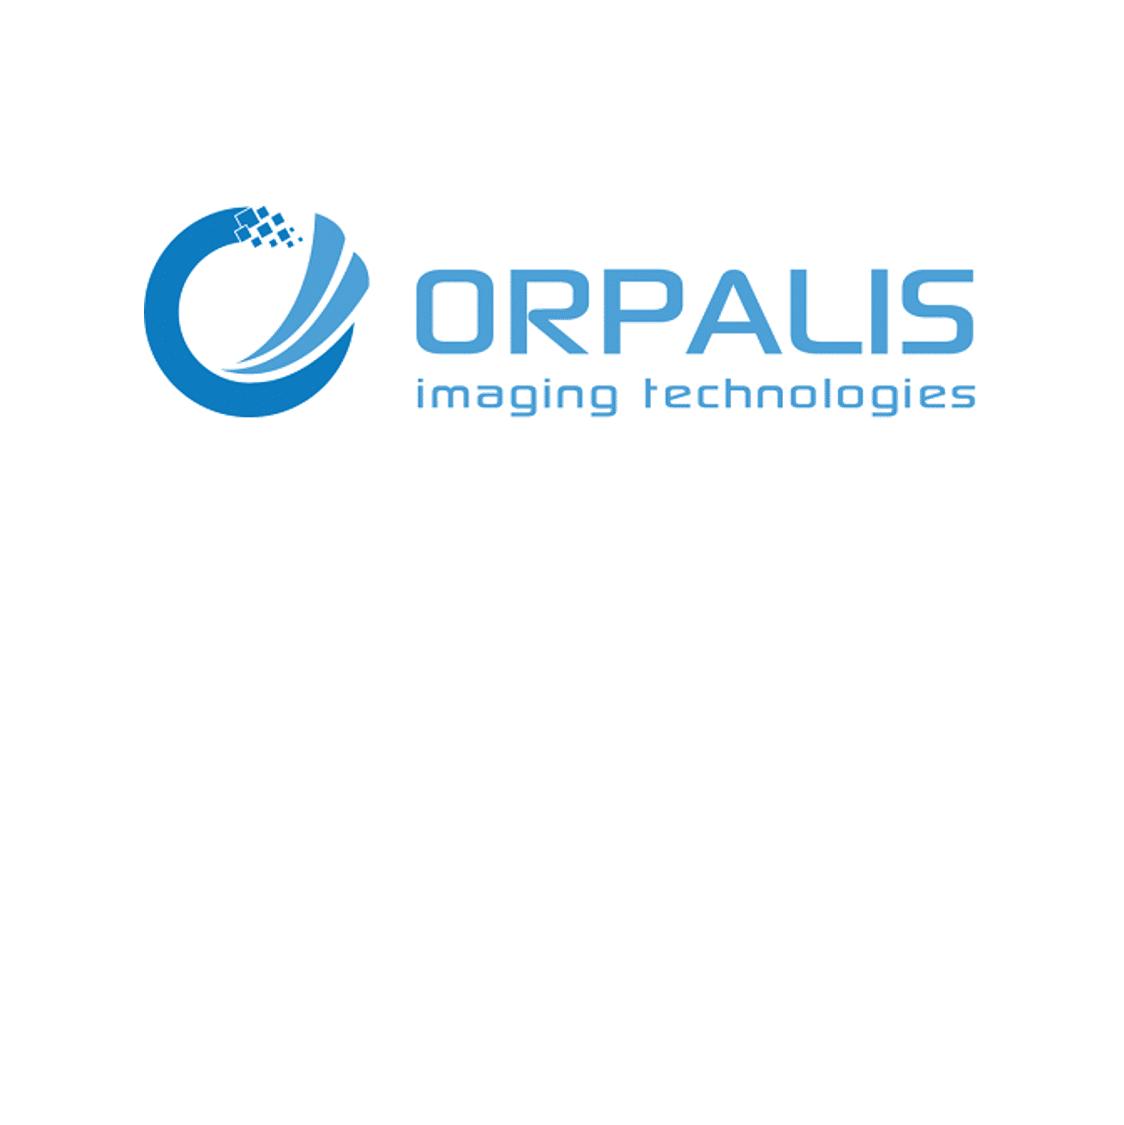 L'éditeur de logiciels ORPALIS s'étend au Royaume-Uni